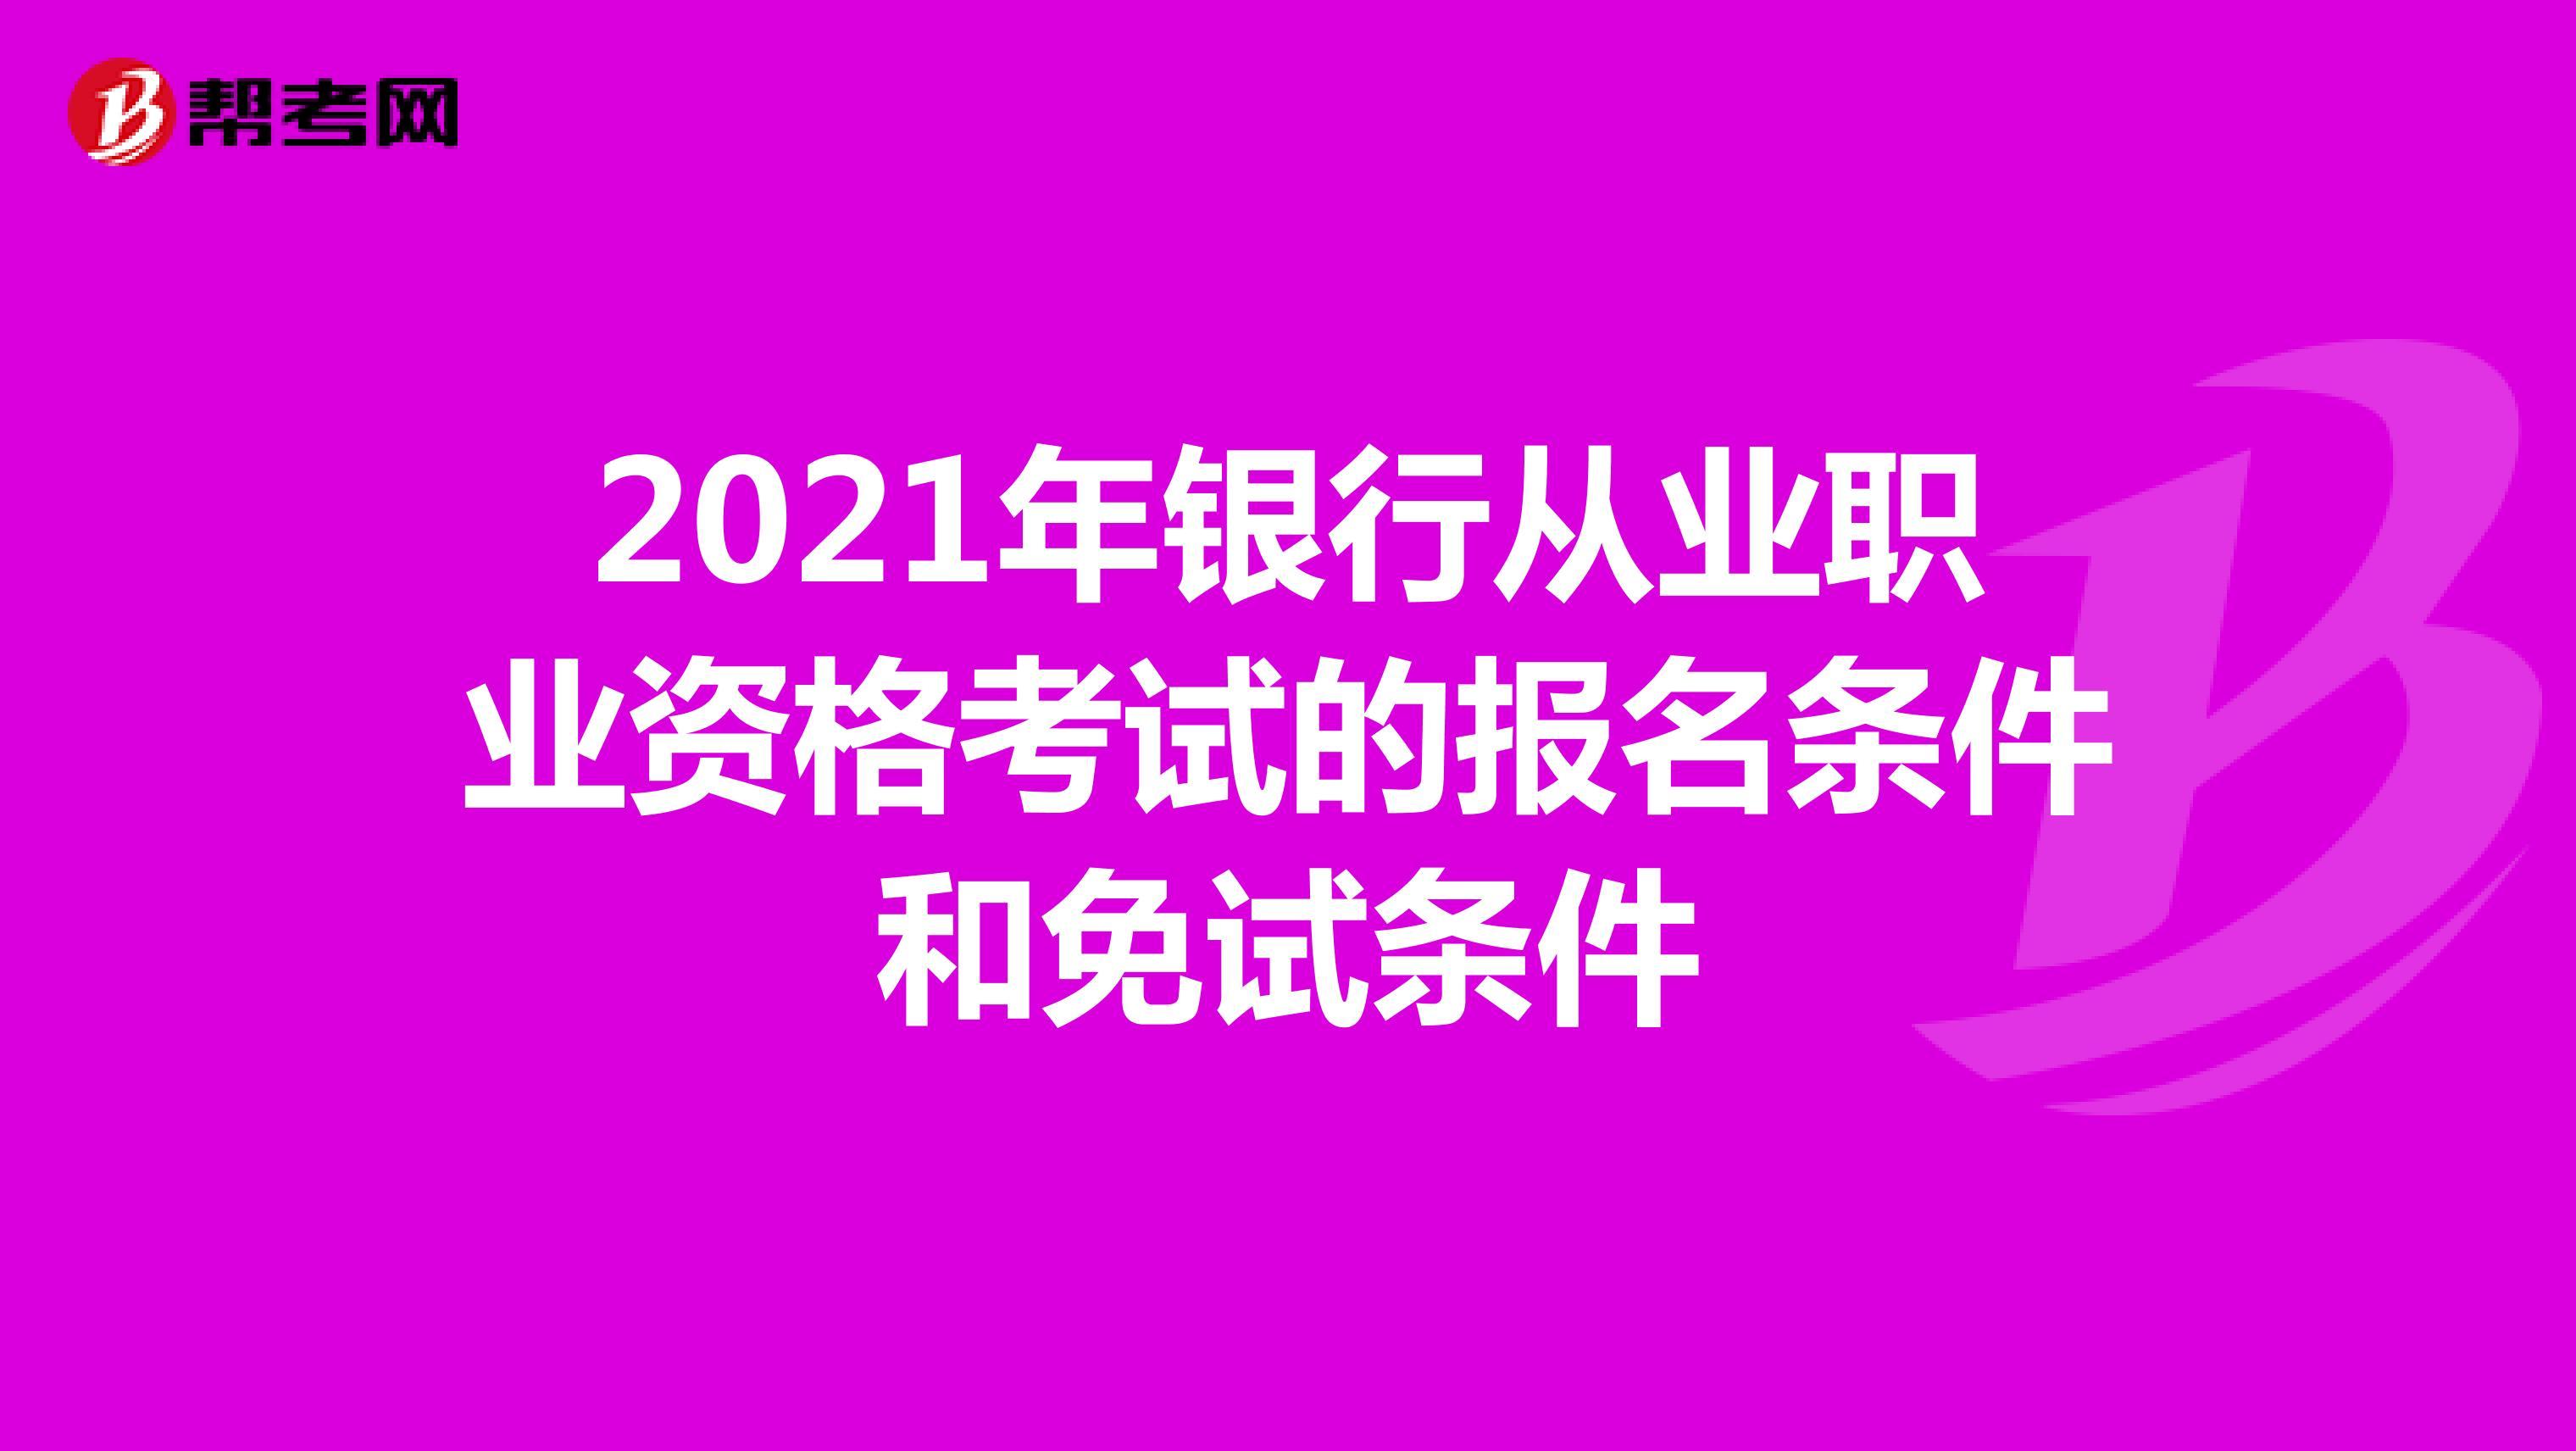 2021年银行从业职业资格考试的报名条件和免试条件